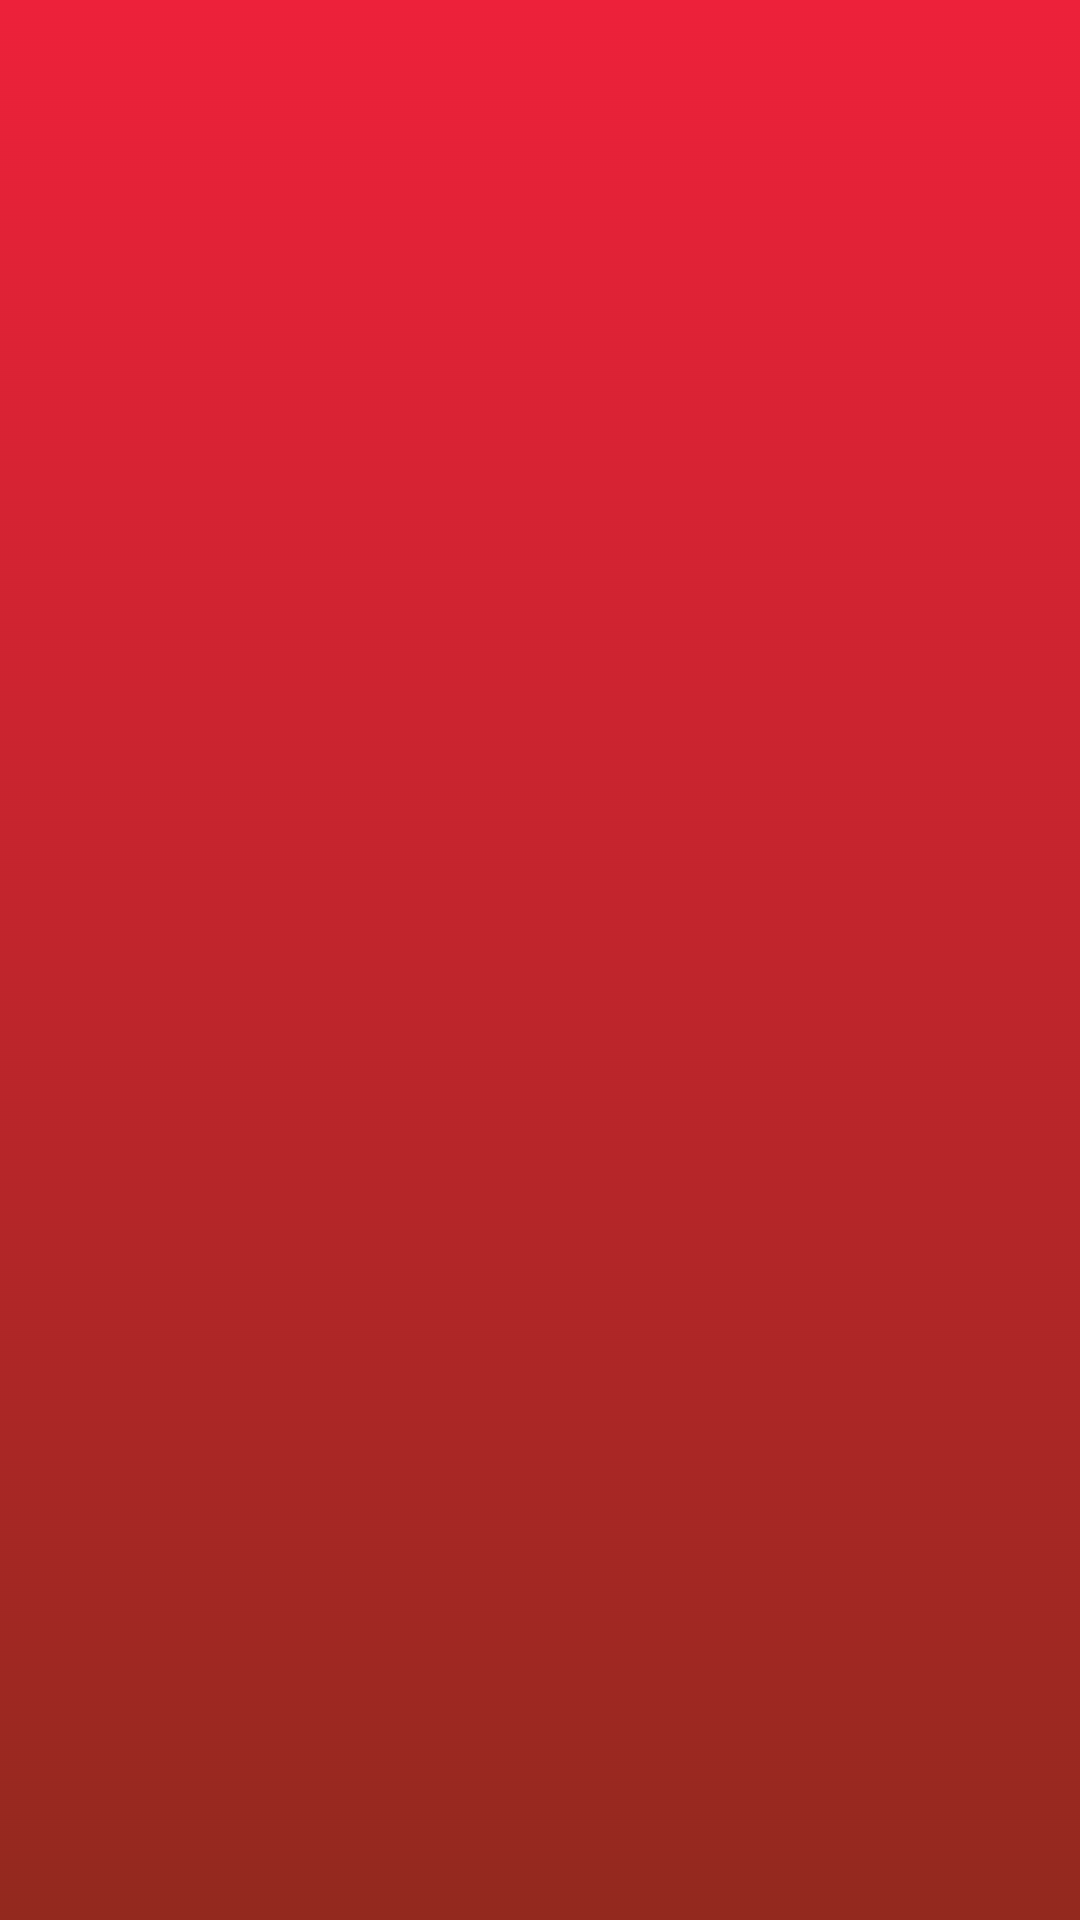 Tú Proyecto Puede Cambiar Solo Con Una Alfrombra Así Puedes Cambiar Muchas Veces Para Que Lo Diseño Fondos Rojos Liso Fondos Color Rojo Fondo De Colores Lisos